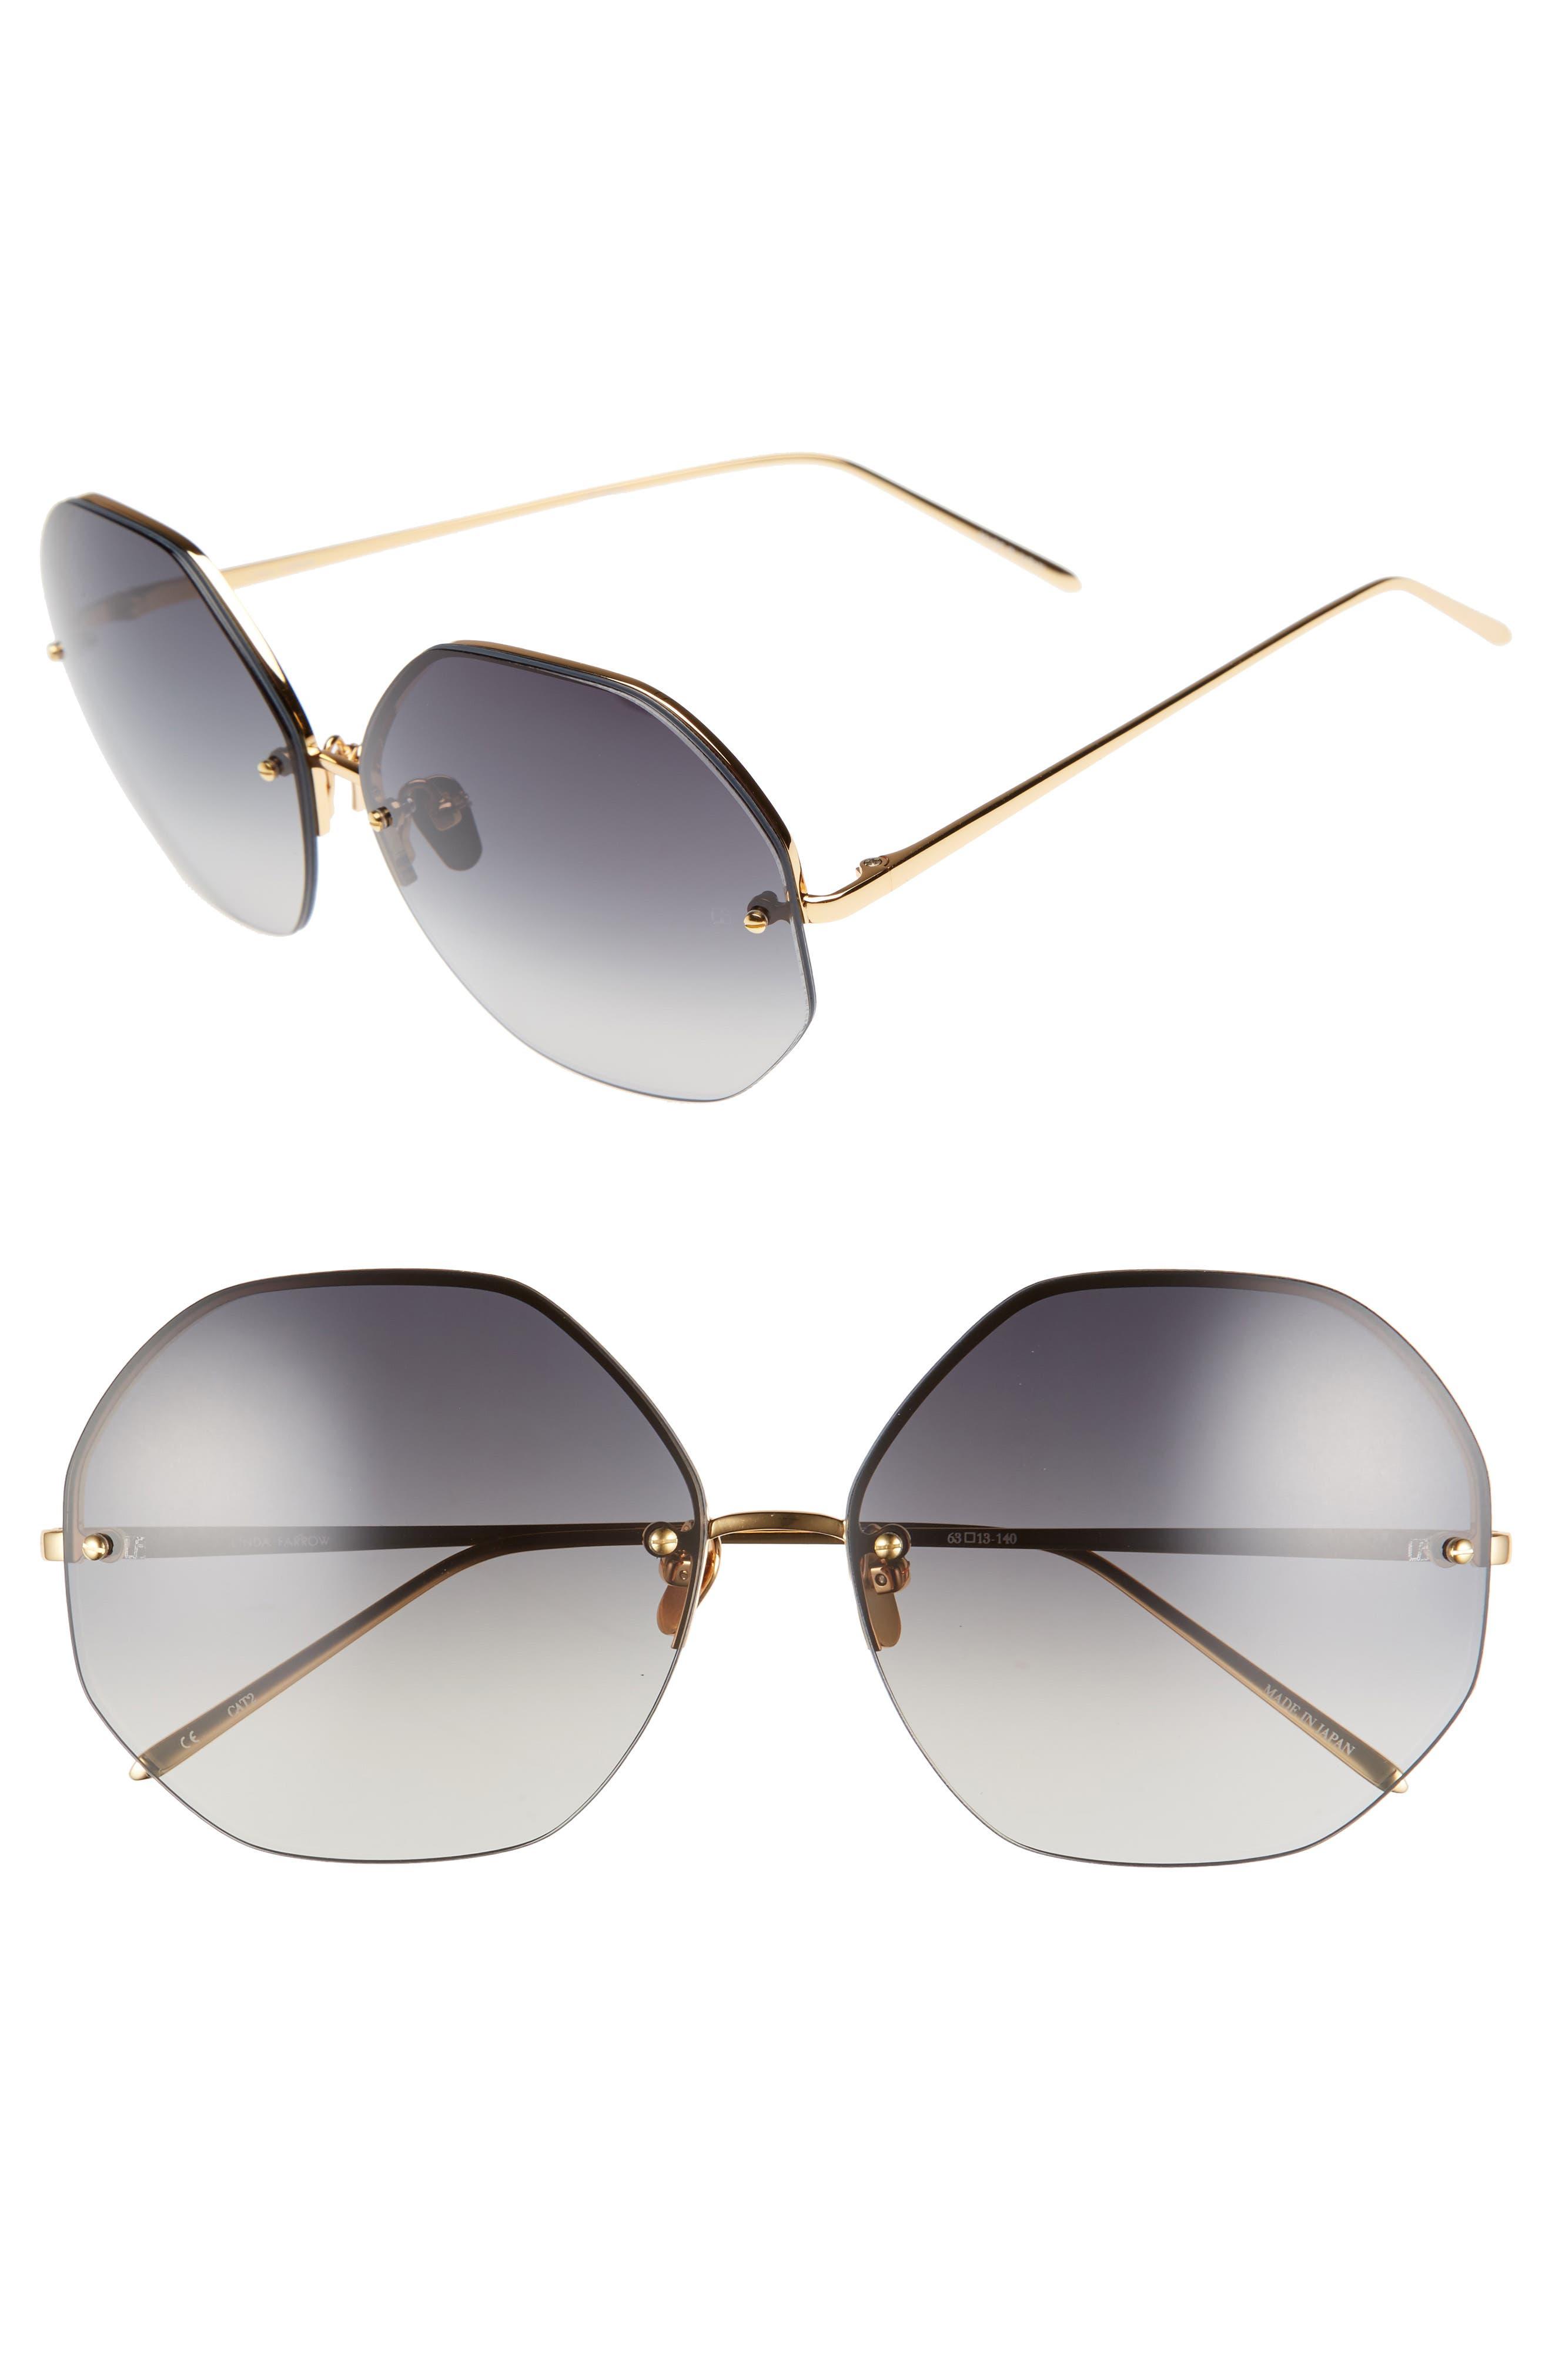 Main Image - Linda Farrow 63mm Semi Rimless Round Titanium Sunglasses